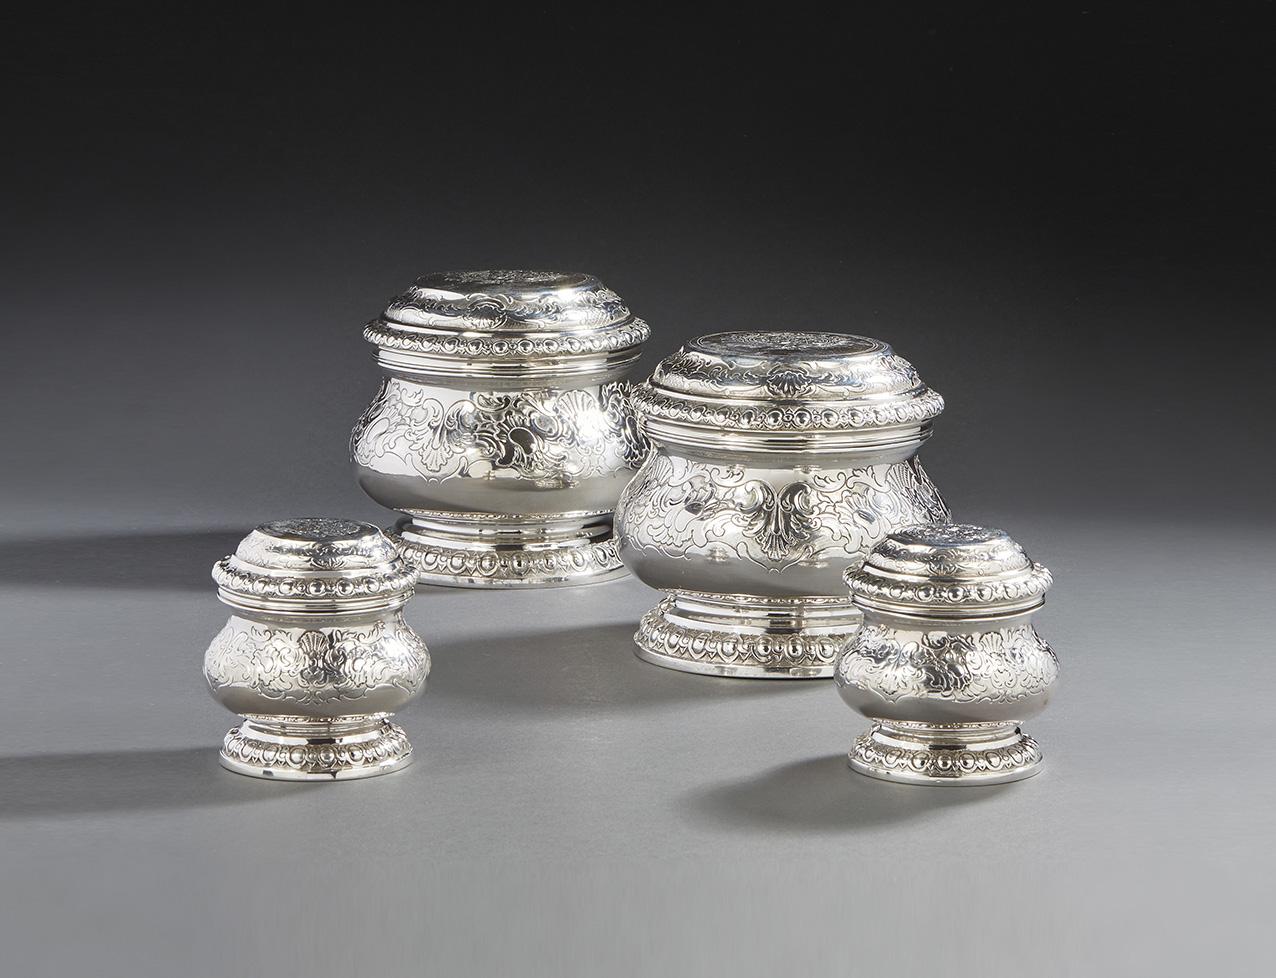 Michel-Eloy Le Tailleur, quatre éléments d'une garniture de toilette à décor de feuillages, coquilles et enroulements aux armes d'alliance